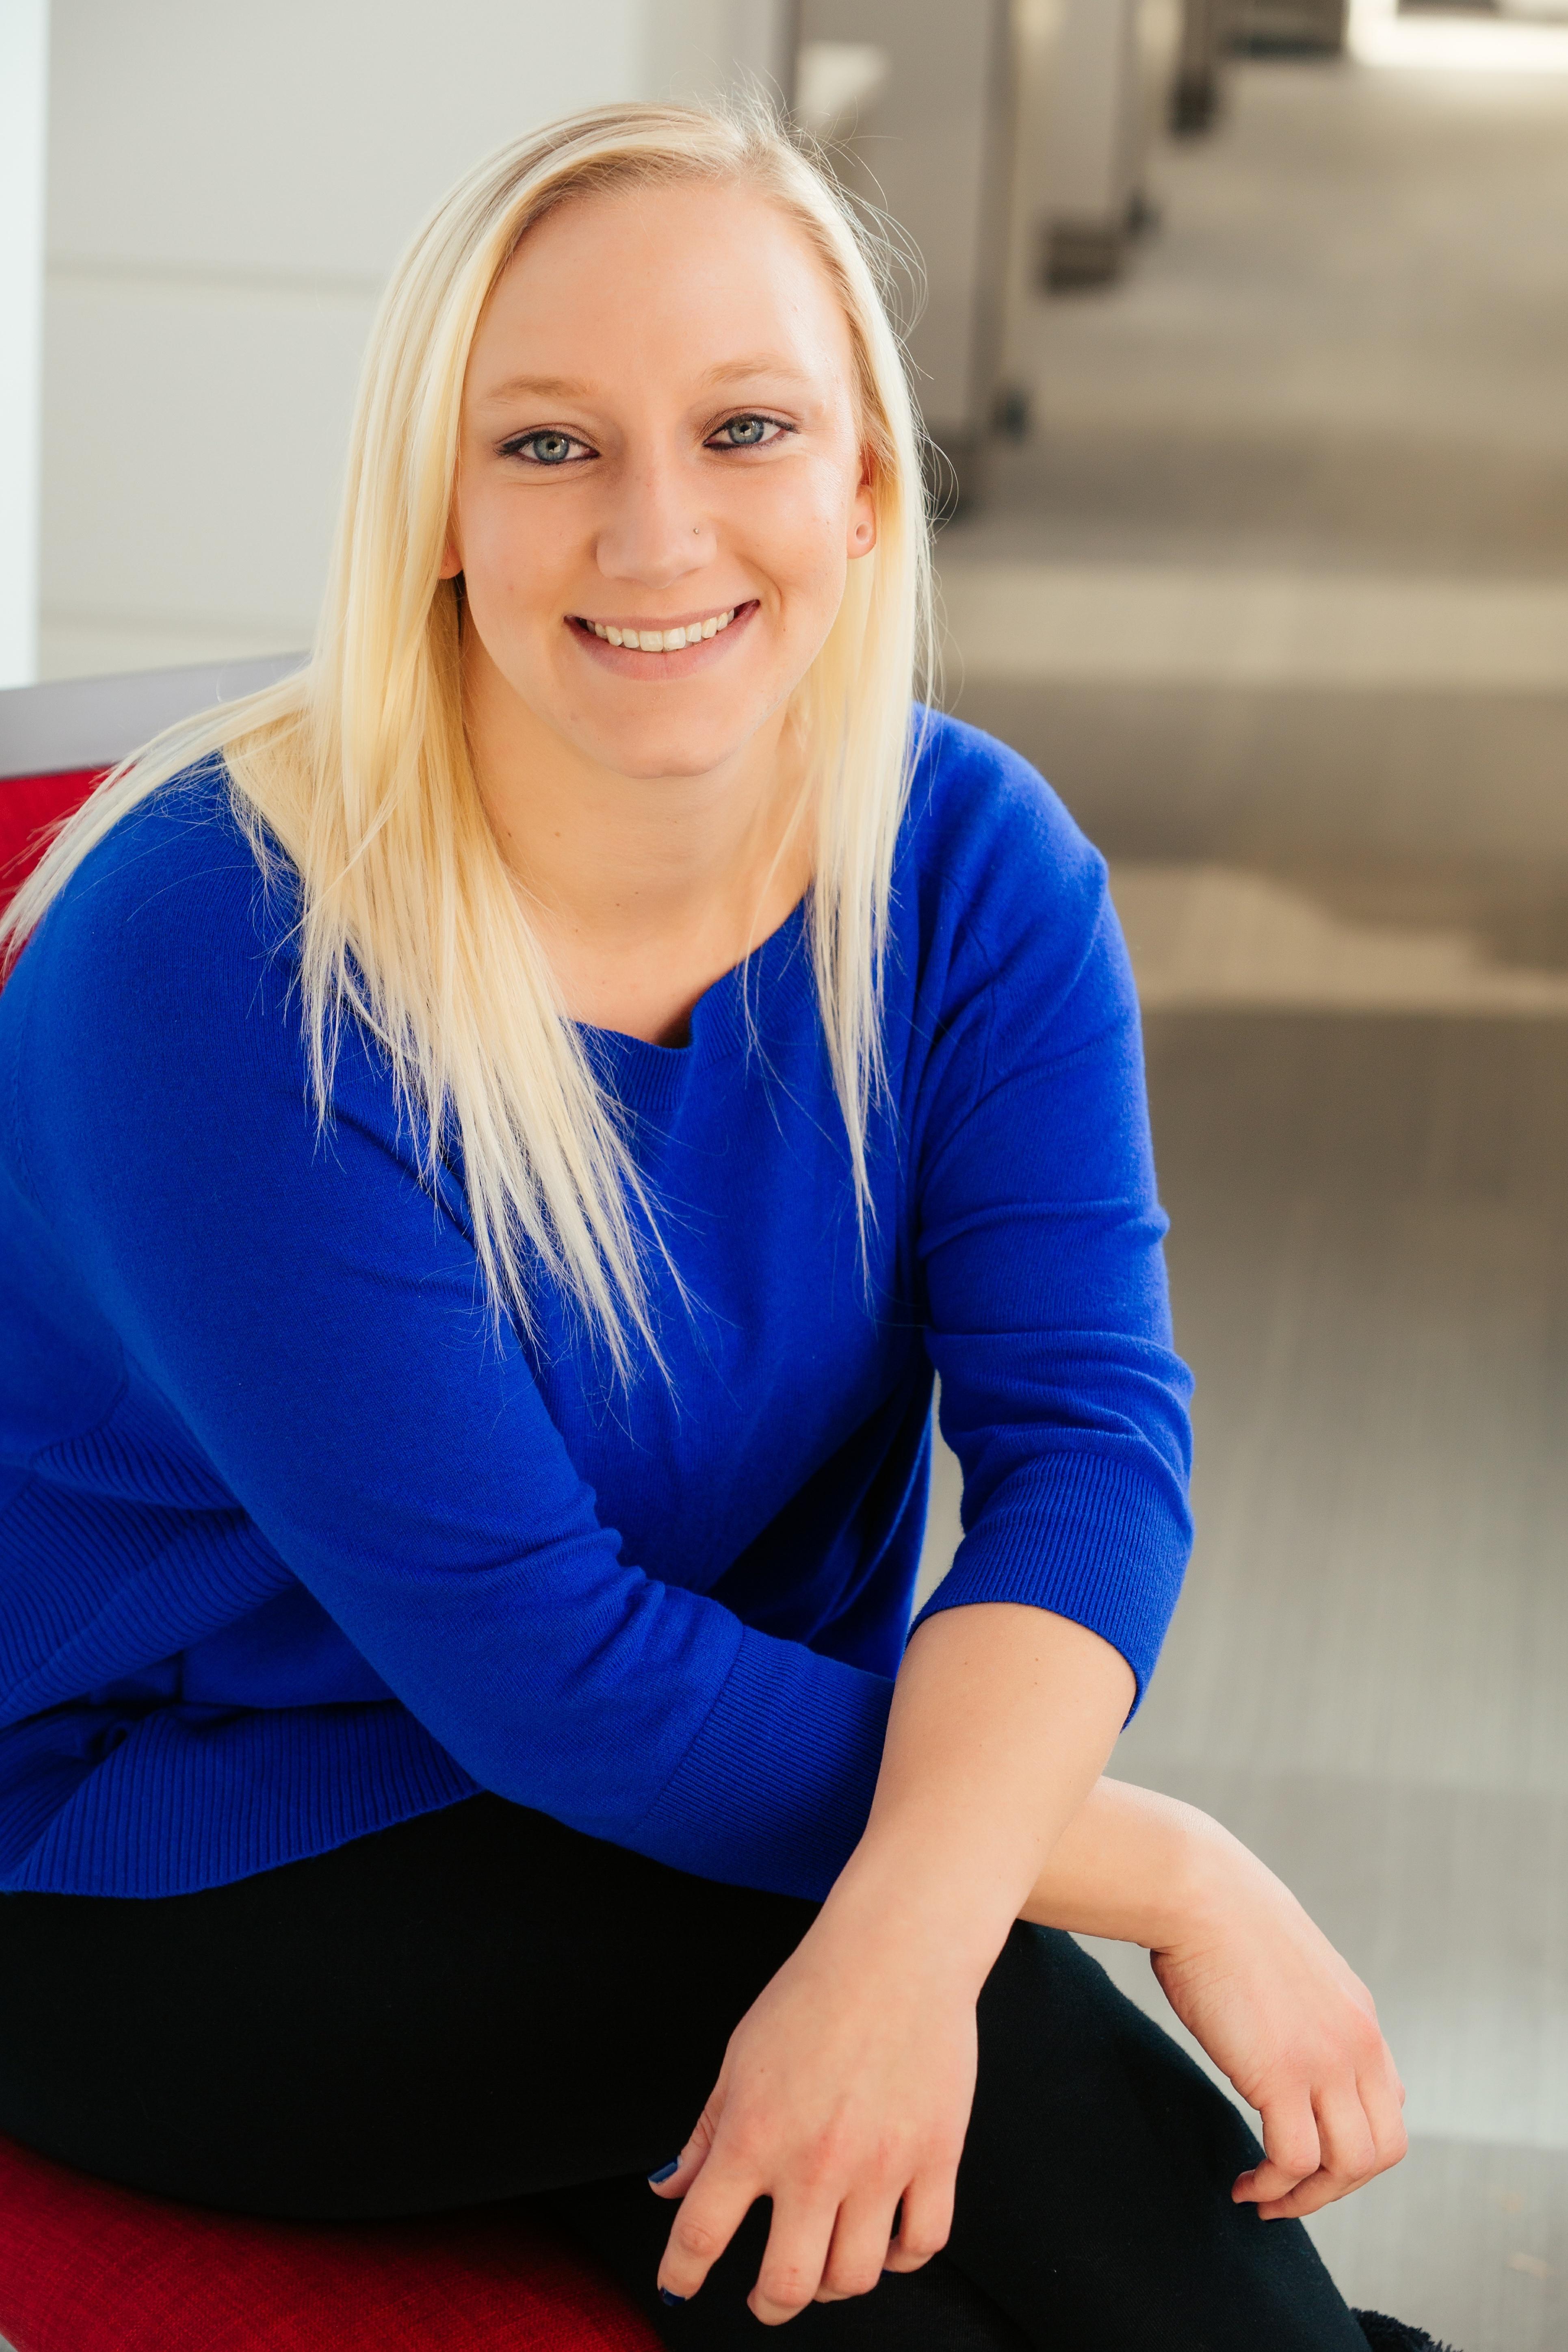 Amanda Welna